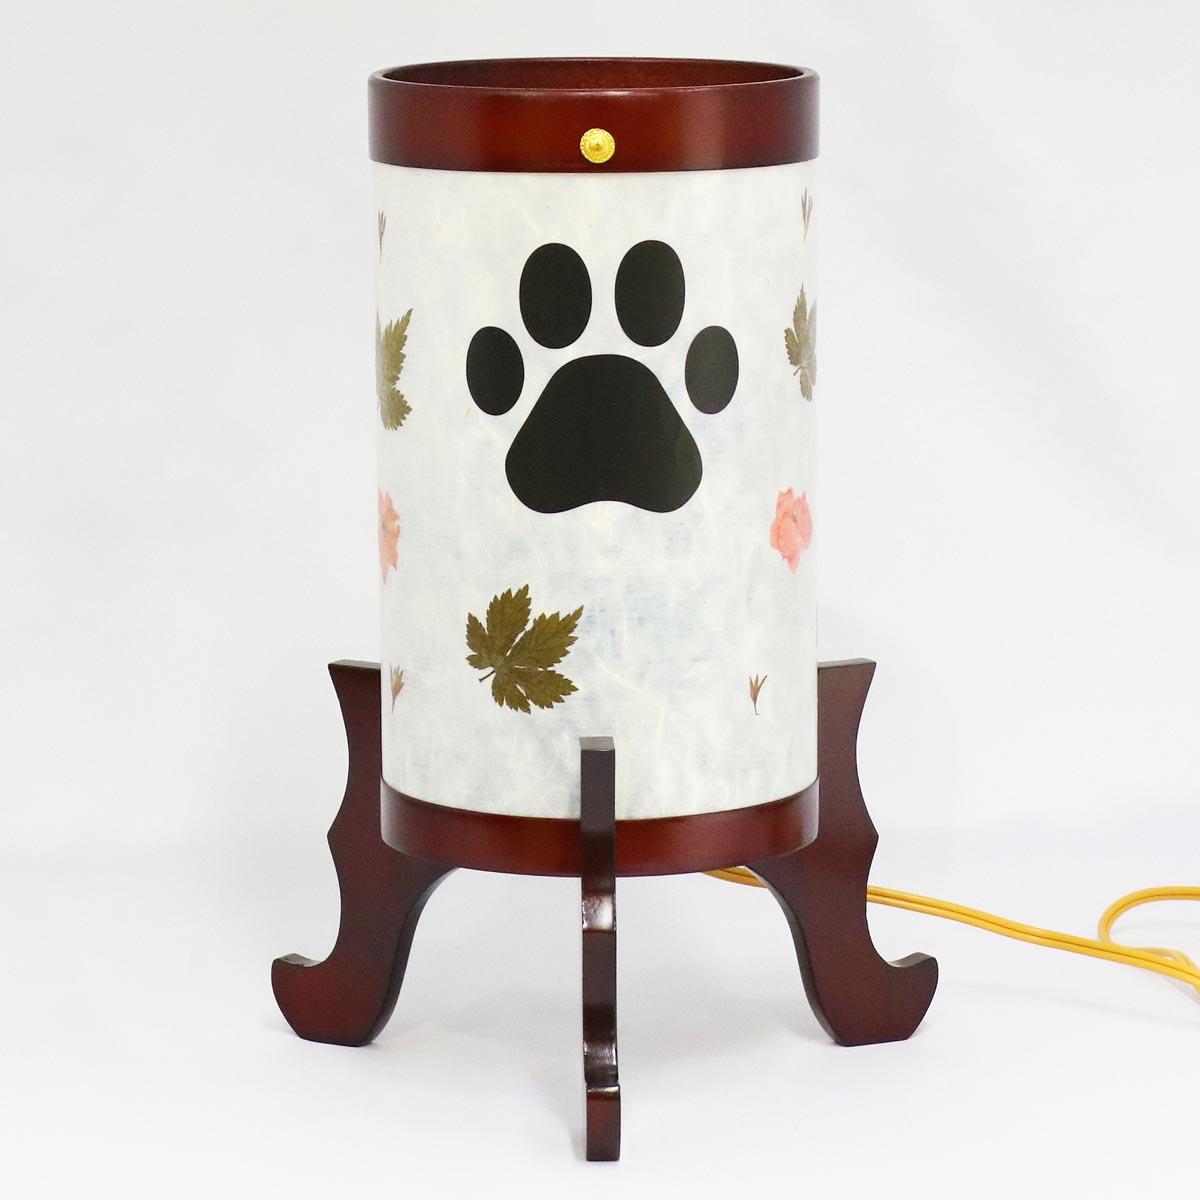 盆提灯 『 ペット用 風花灯 肉球入り サクラ色塗 2号 』 BCY-939P木製 電気コード式 回転灯 (回転 筒付き) ペット用 犬 イヌ 猫 ネコ メモリアル